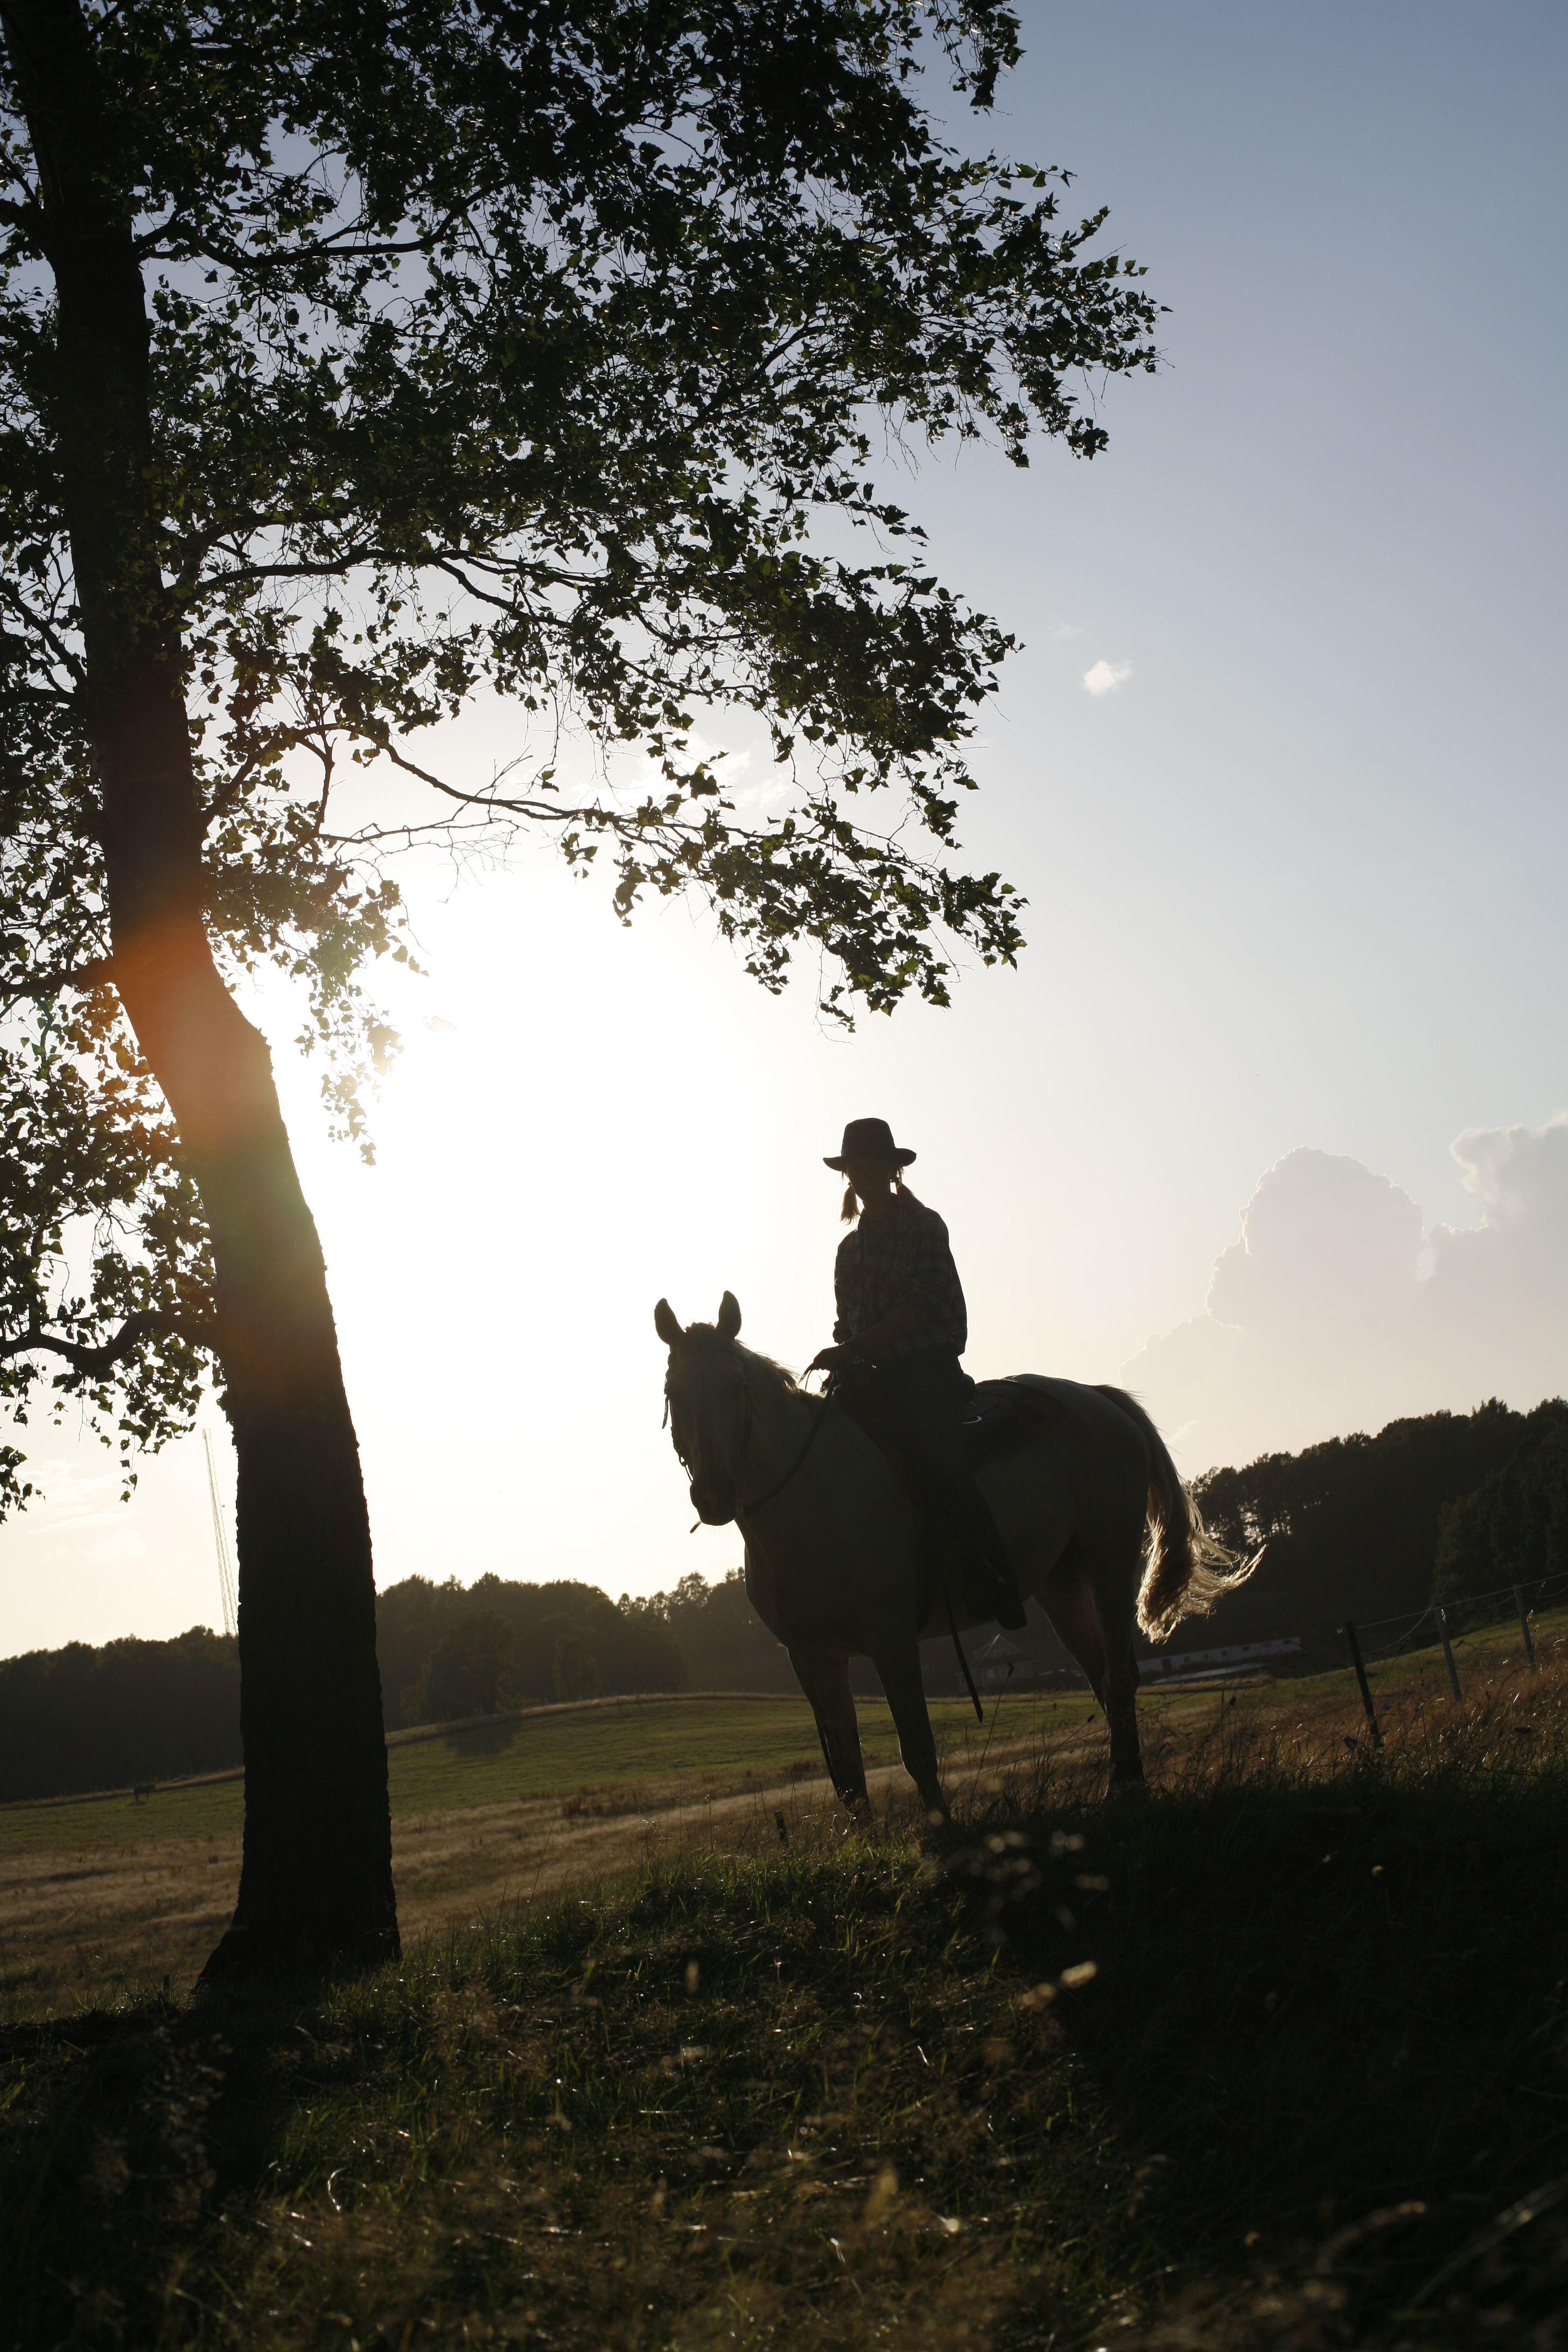 © Ängarnas Ranch, Ängarnas Ranch